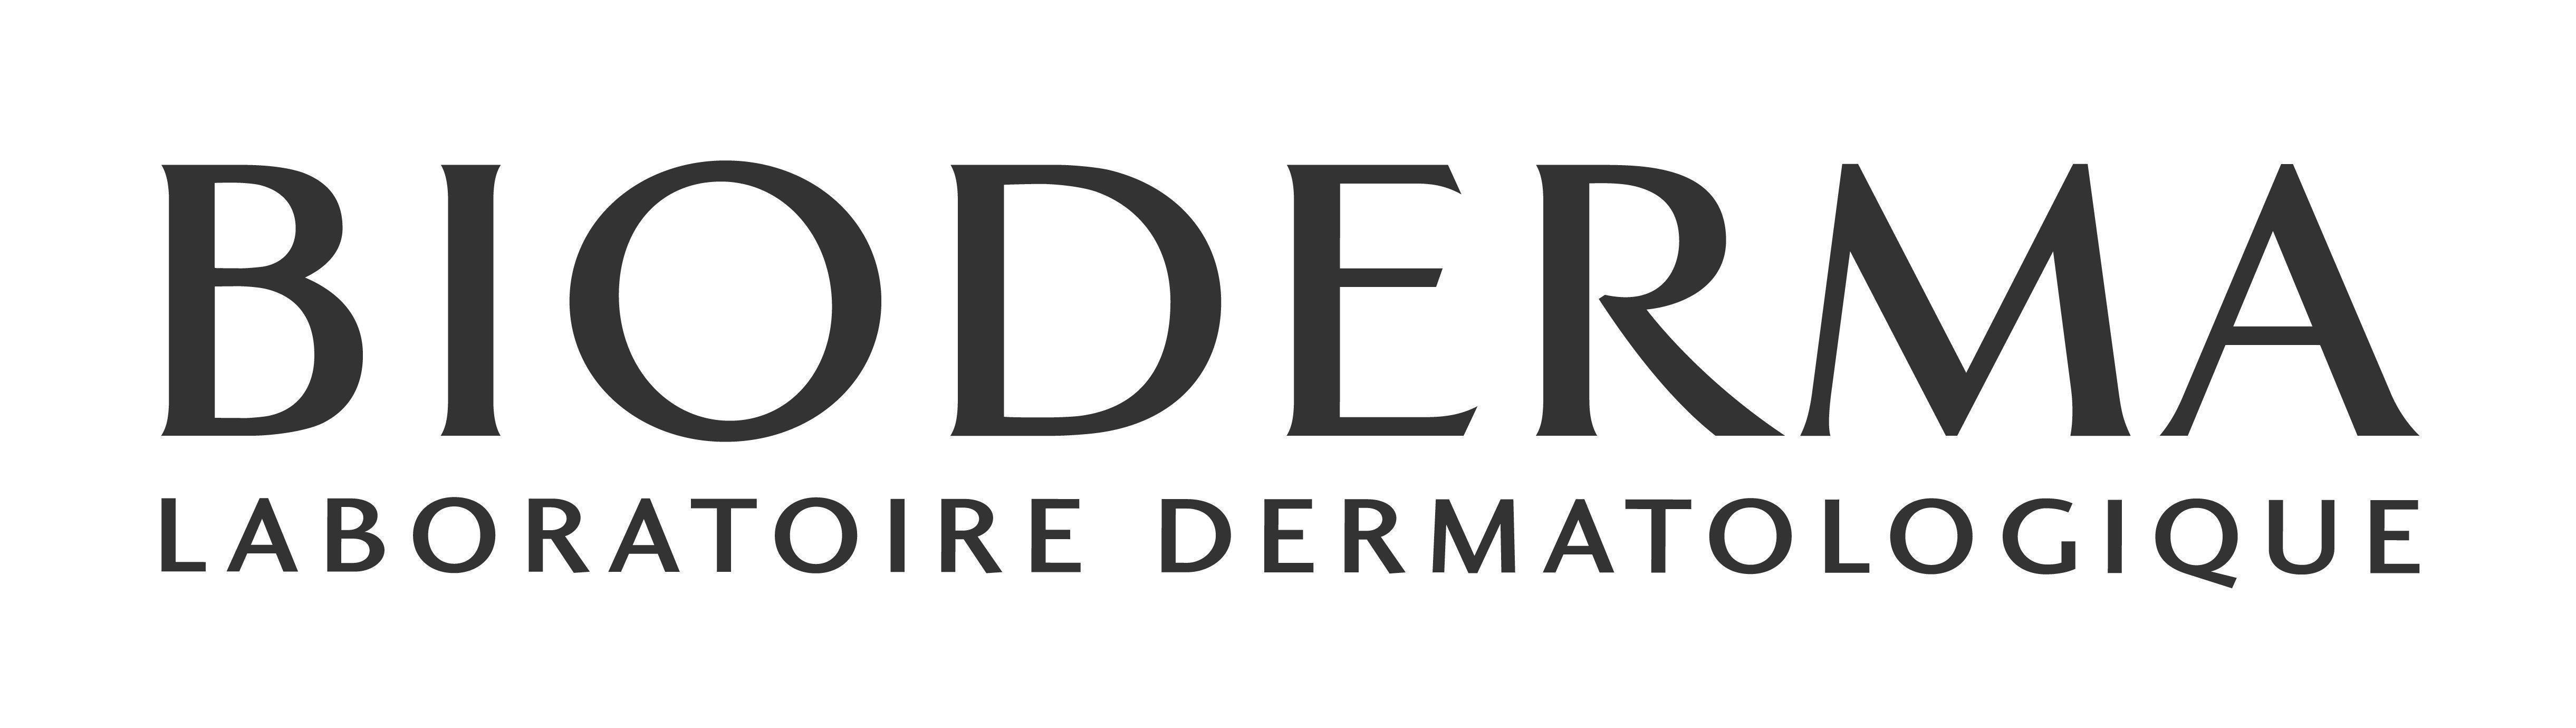 Logo thương hiệu Bioderma